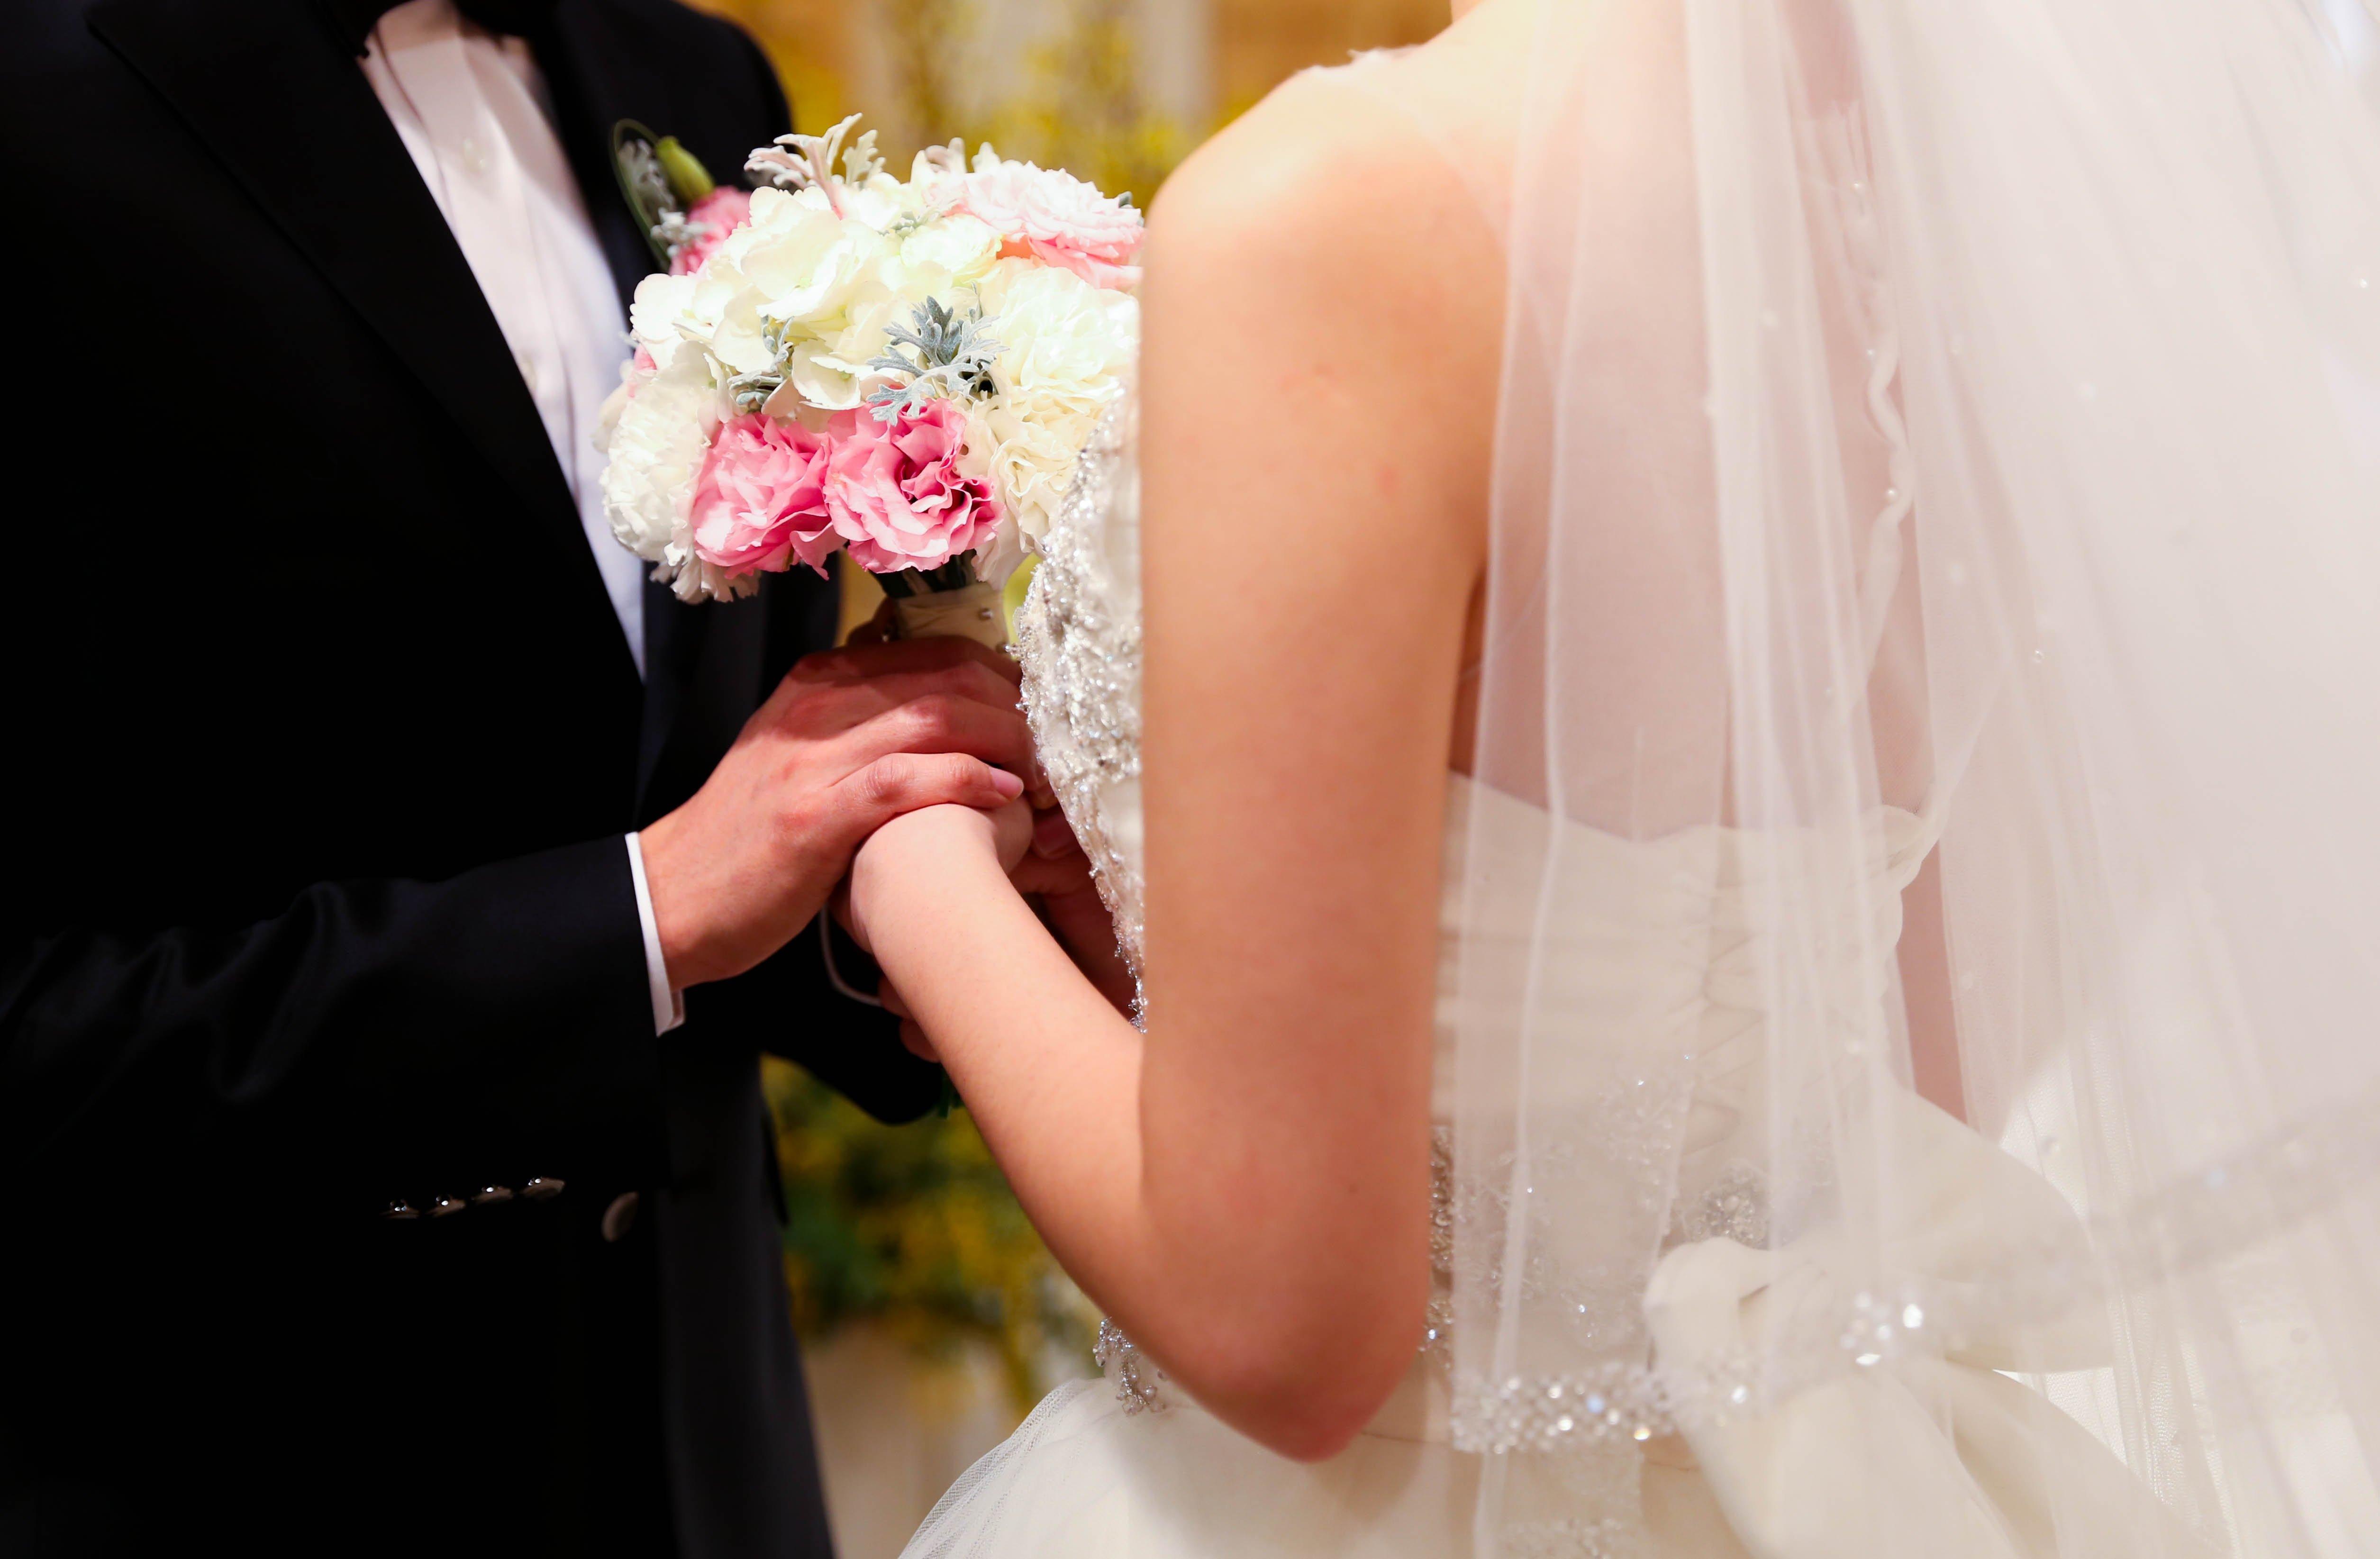 ВВиверо новобрачные подчеркнули шикарную свадьбу инеоплатили счет